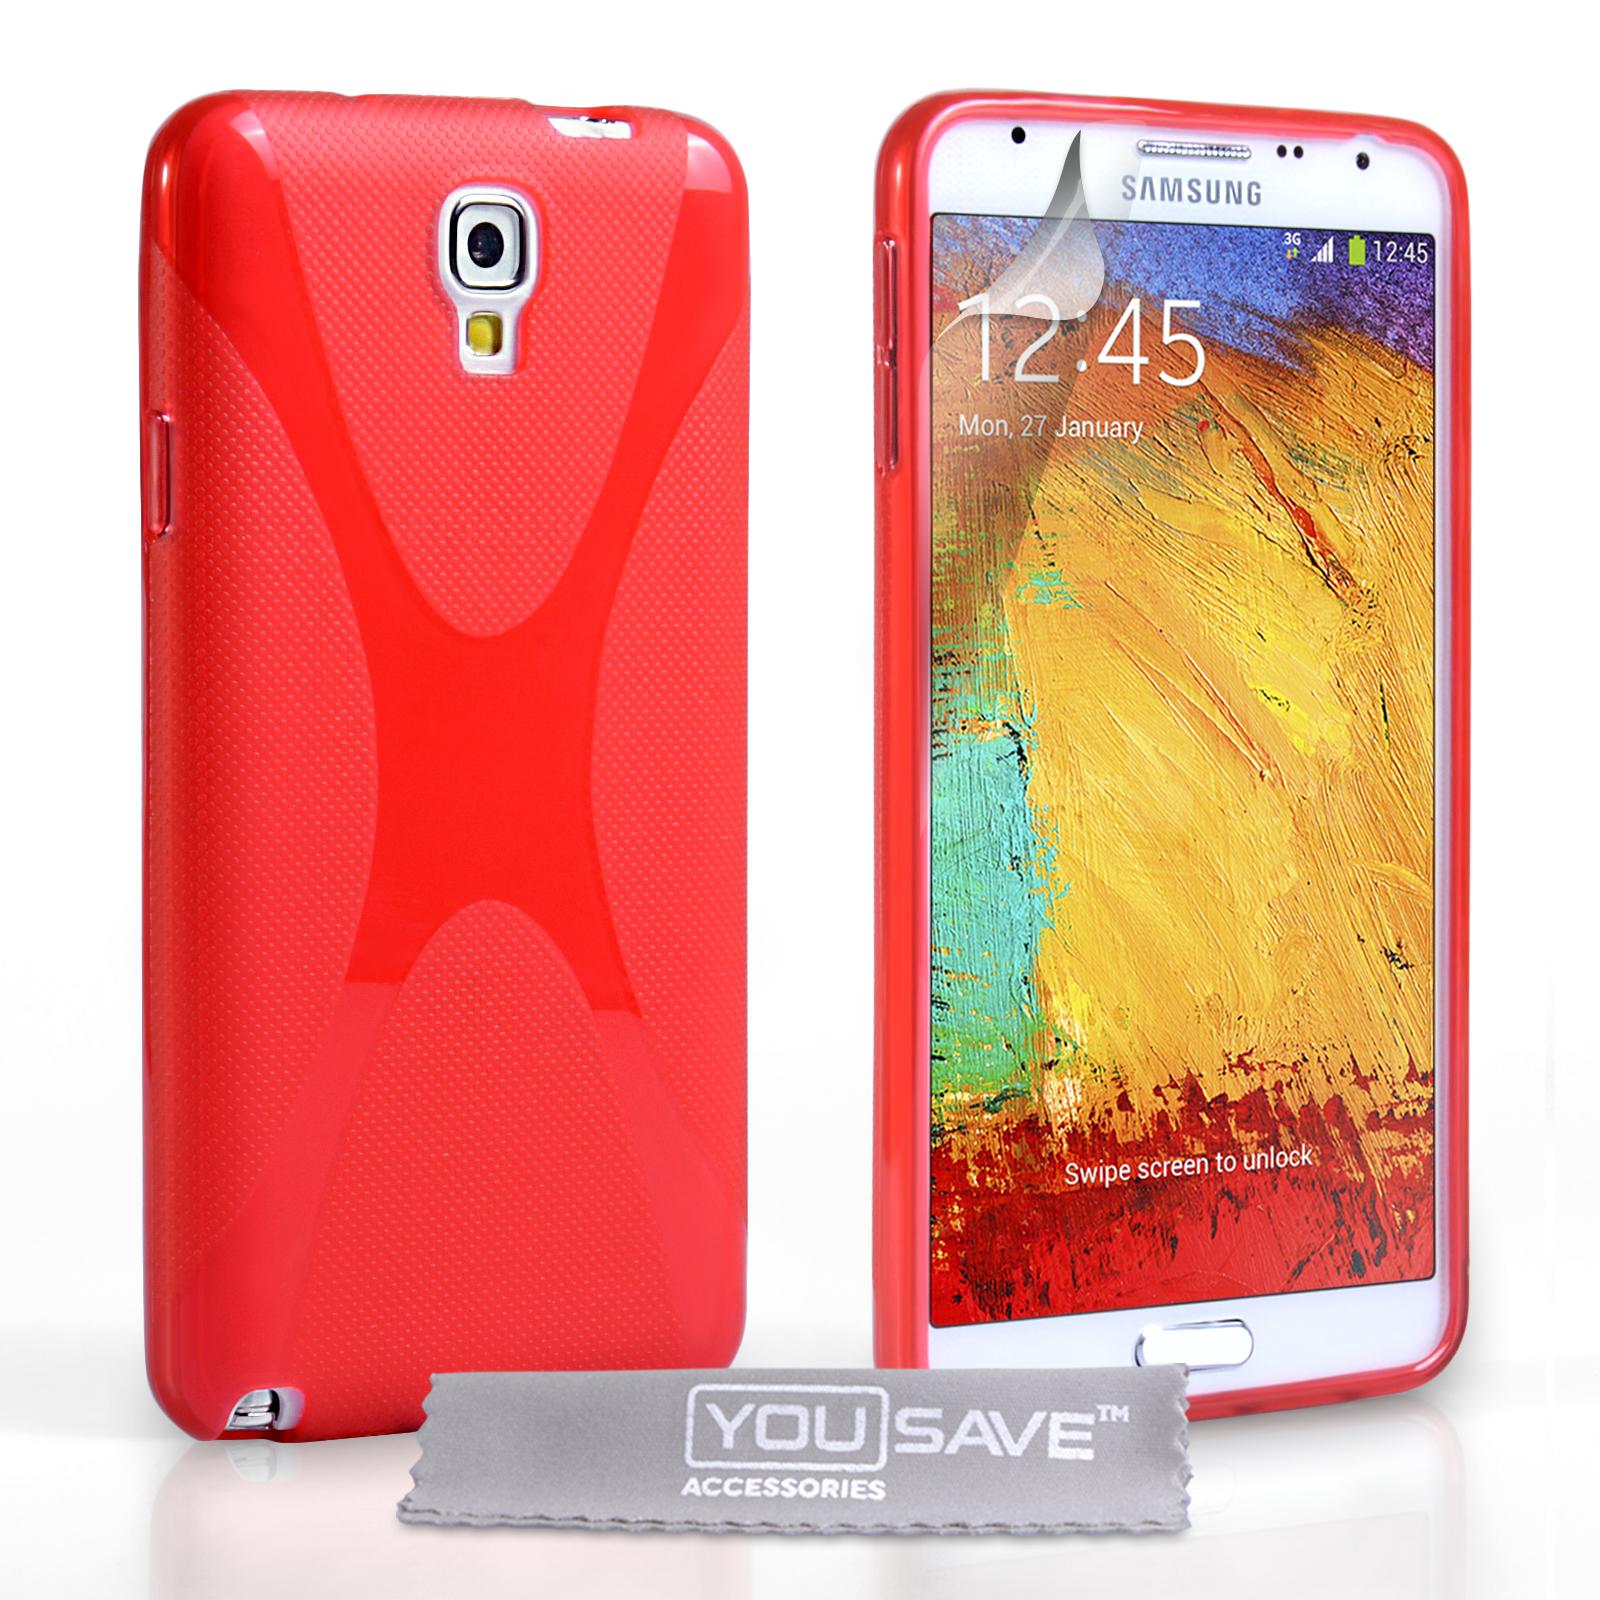 Θήκη Samsung Galaxy Note 3 Neo by YouSave (Z633)